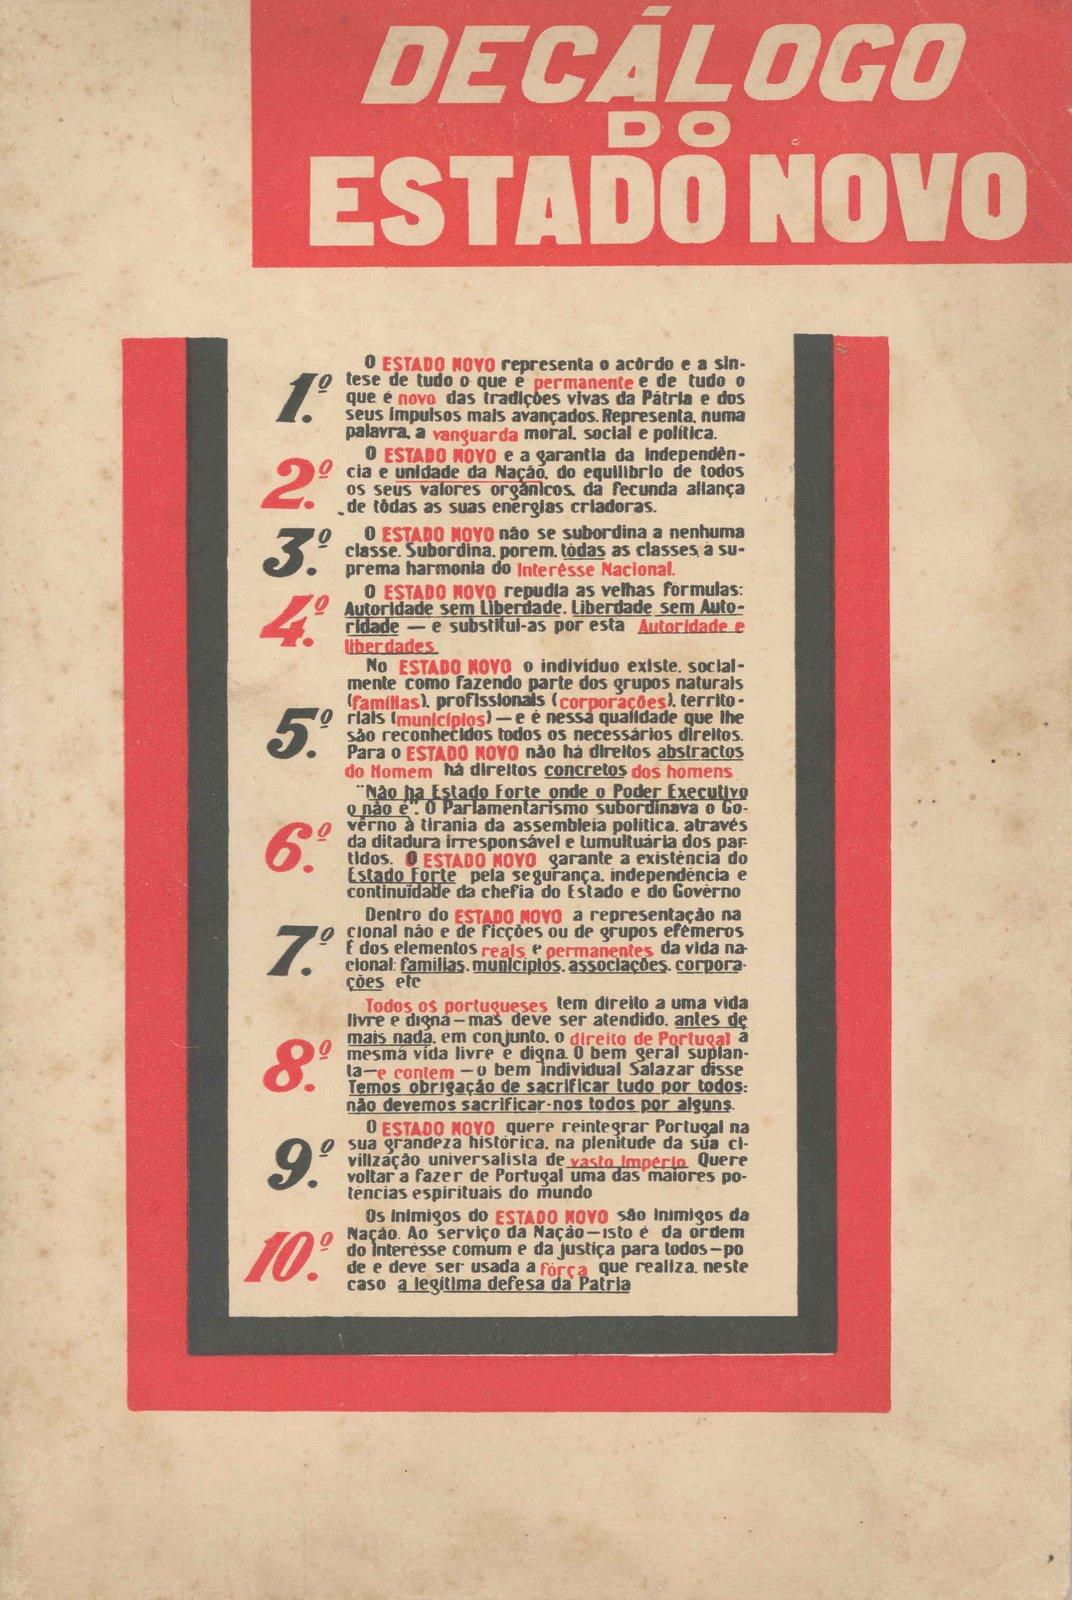 1934_decalogo_estado_novo.png